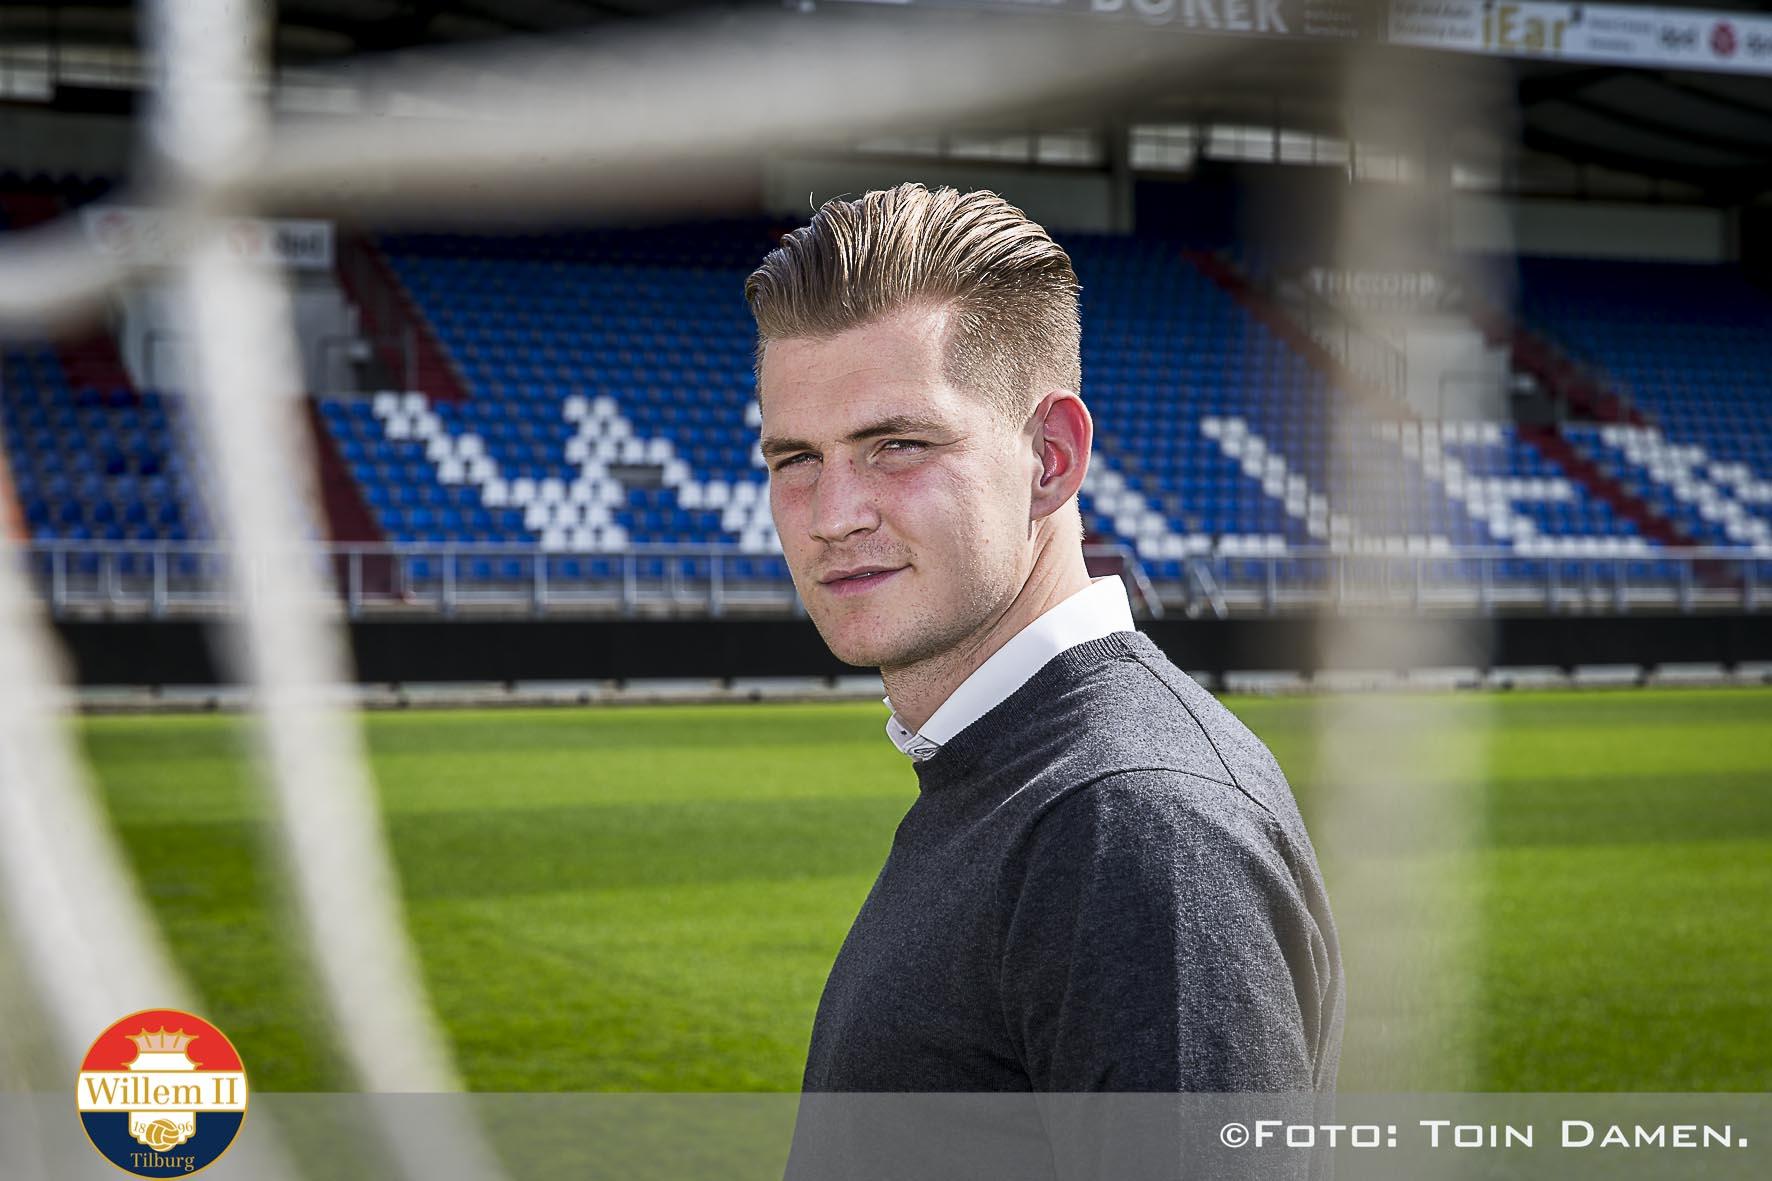 TILBURG - - , koning Willem II stadion, 31-03-2017, voetbal, eredivisie voetbal seizoen 2016-2017. Mattijs Branderhorst tekent voor twee jaar bij met optie op nog een jaar.